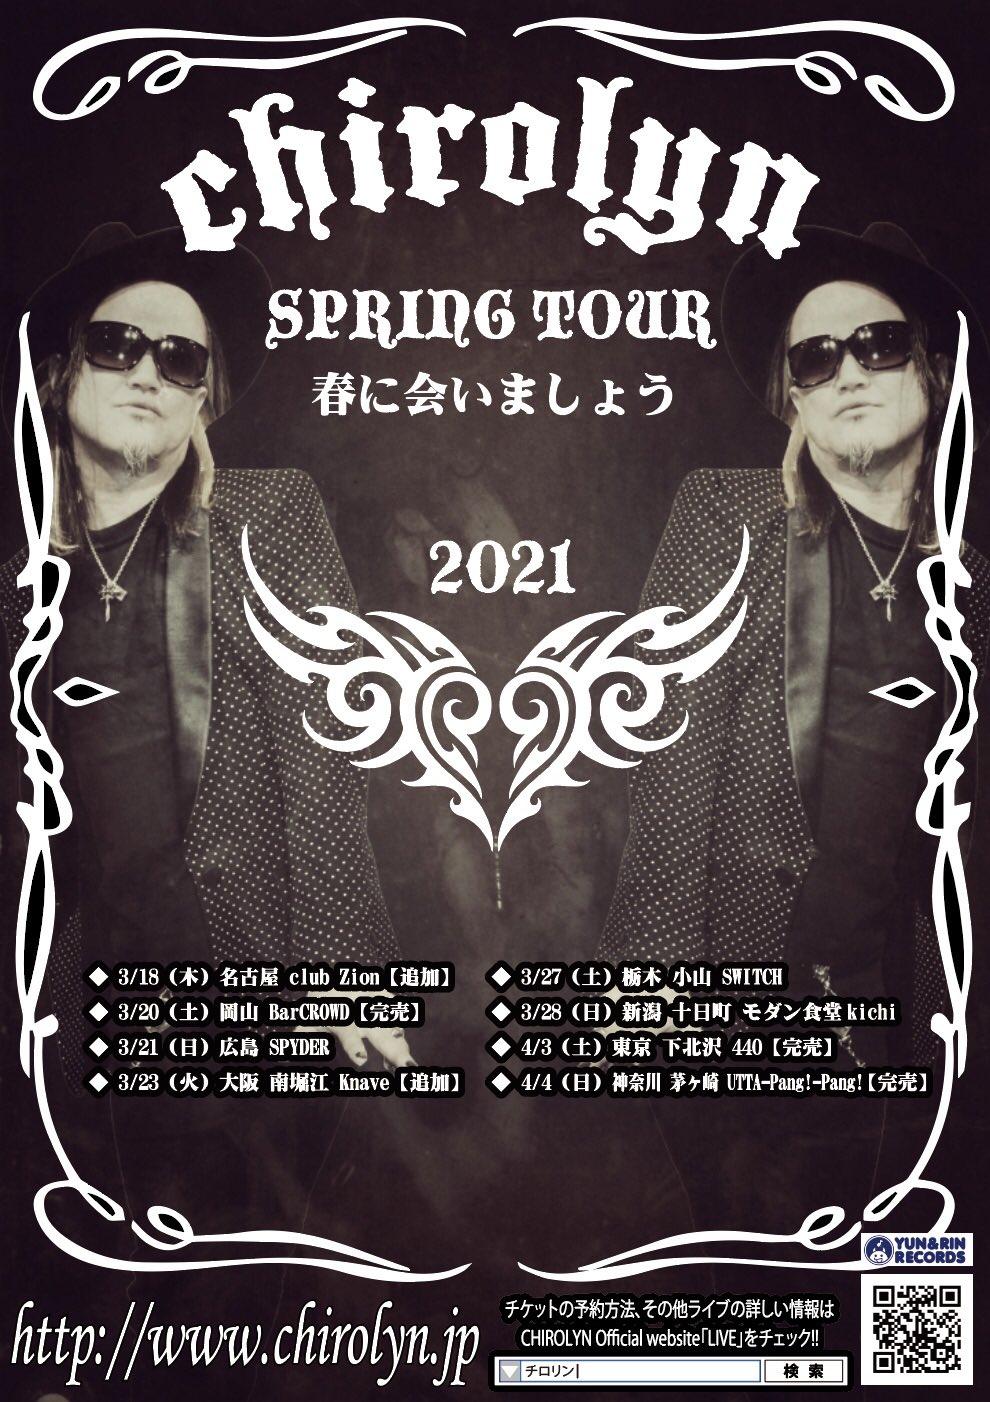 【来場 配信 ※再振替公演】Chirolyn Spring Tour 春に会いましょう 2021